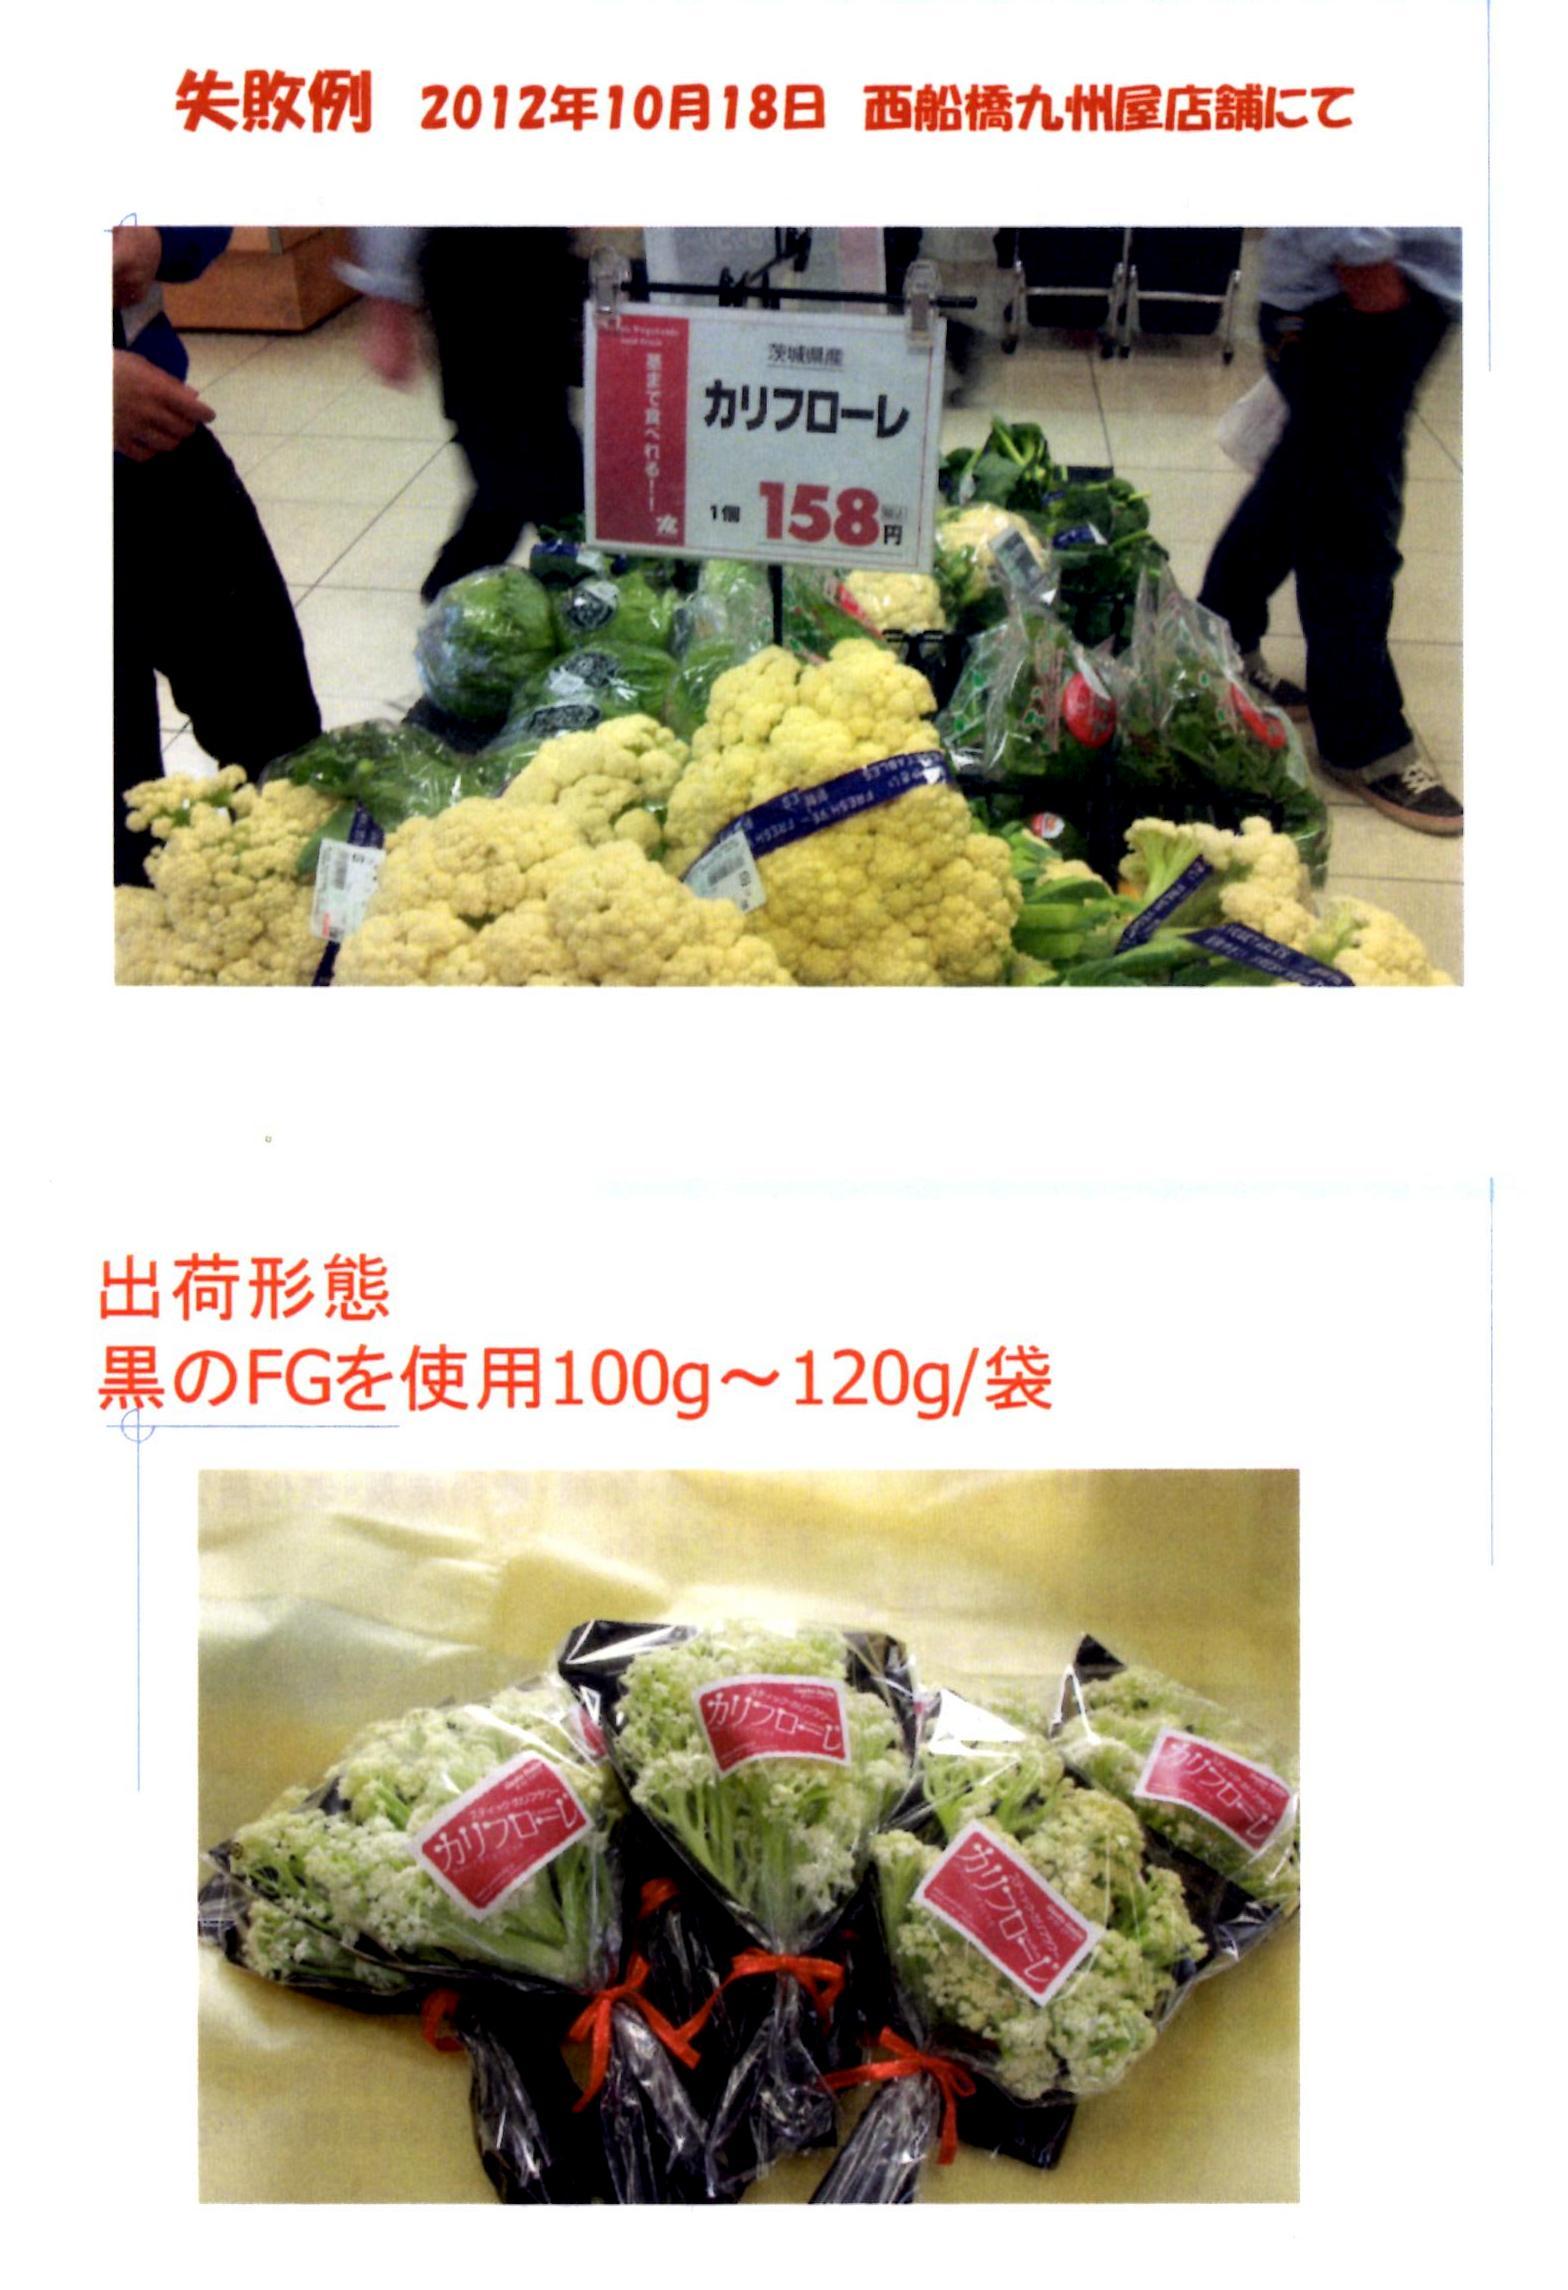 karifu-deta9.jpg